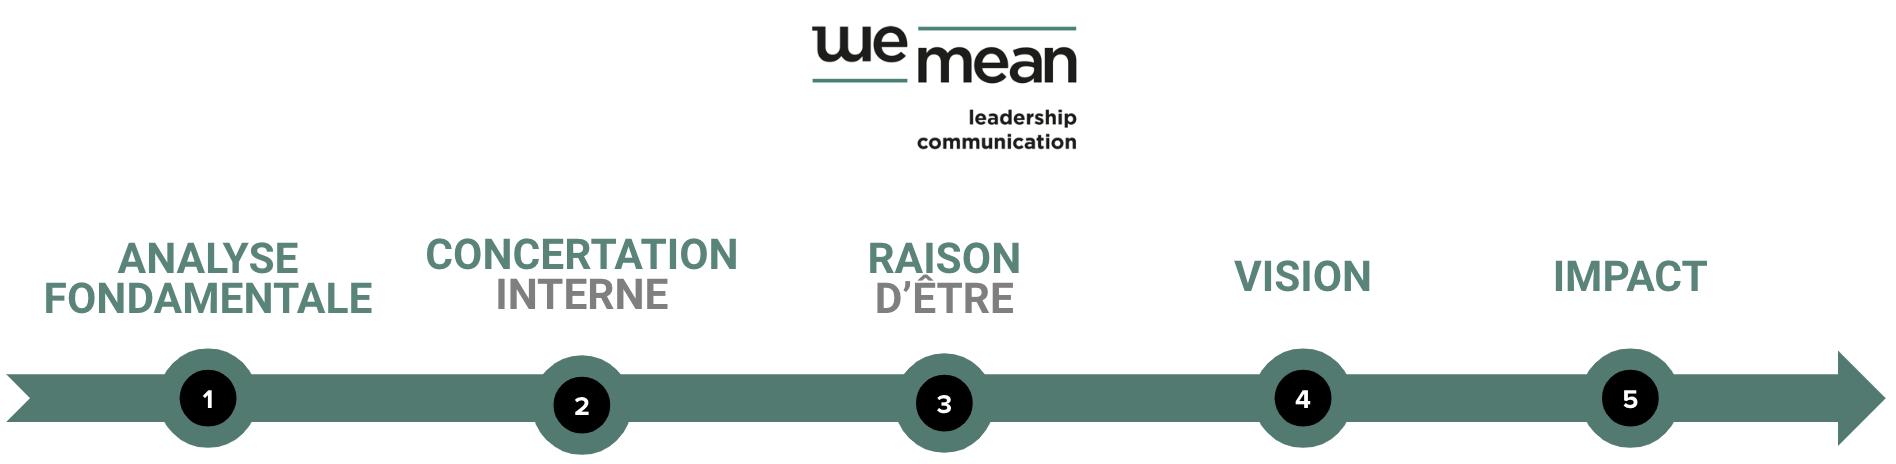 identite-raison-d-etre-entreprise-concertation-vision-impact